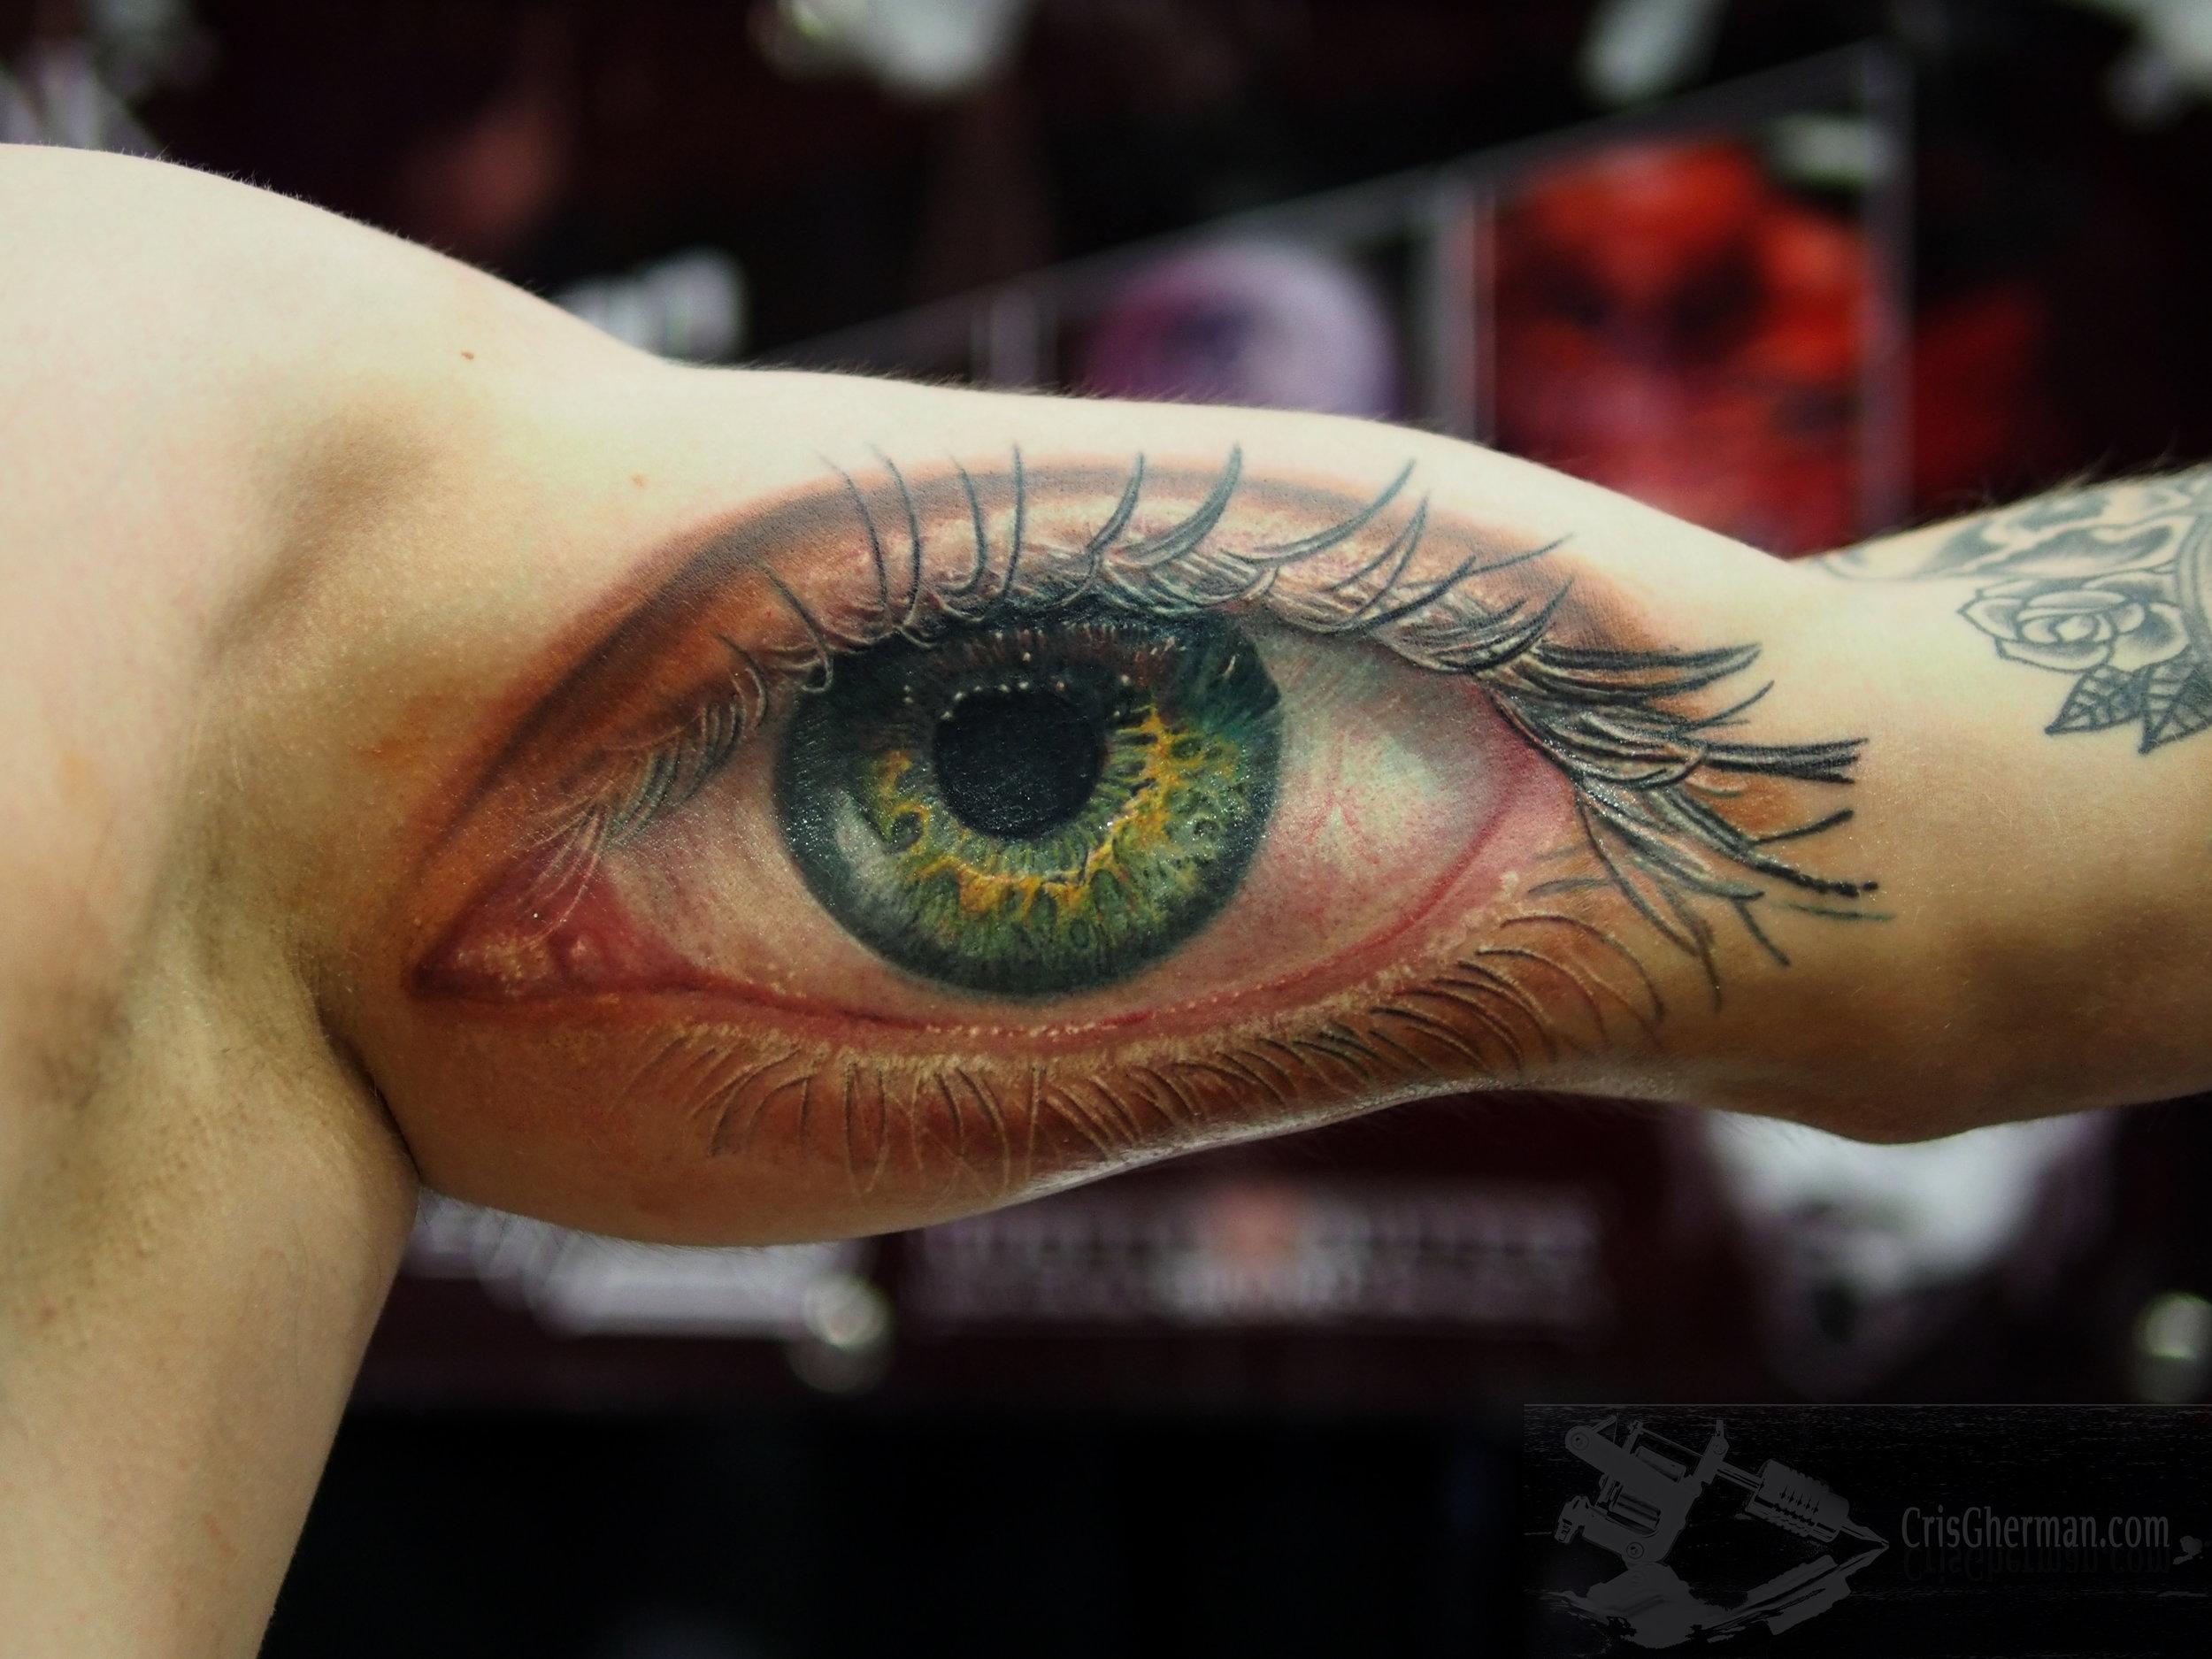 #eyeseeyou